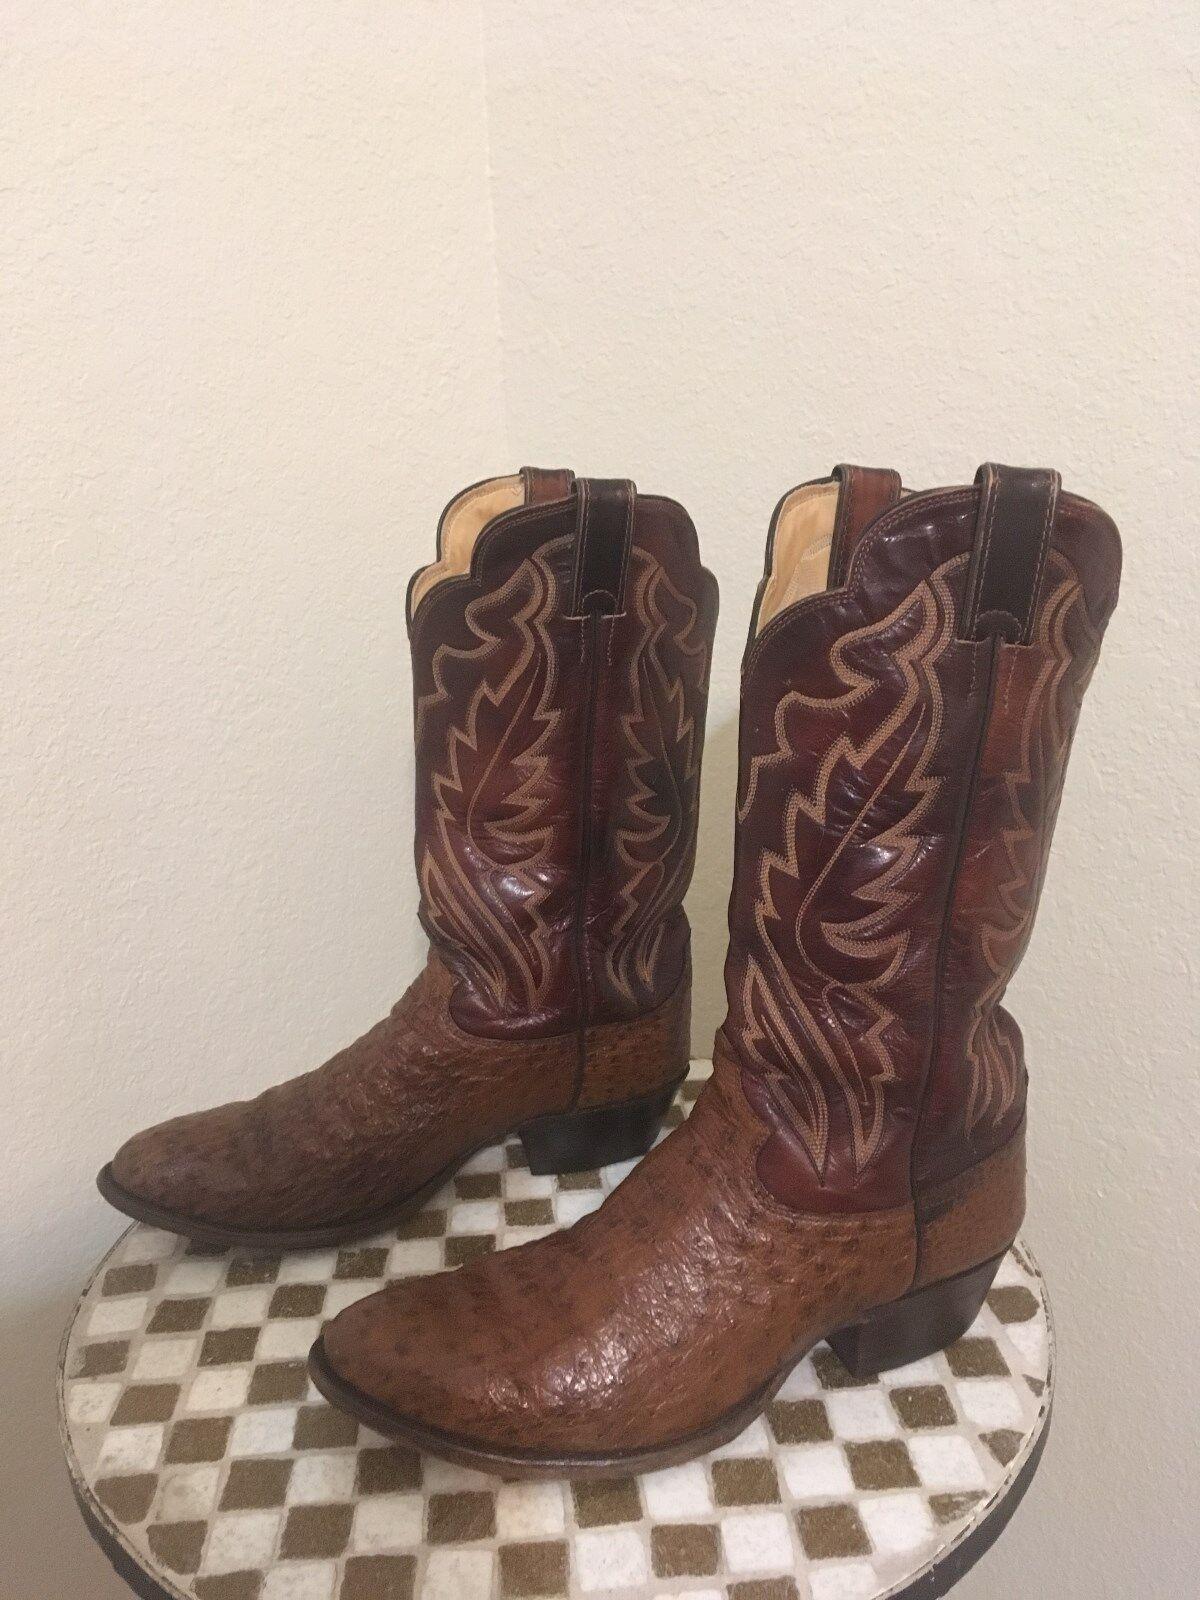 Vintage JUSTIN Hecho en EE. UU. marrón botas de Cowboy Ranch danza de avestruz 10.5 D